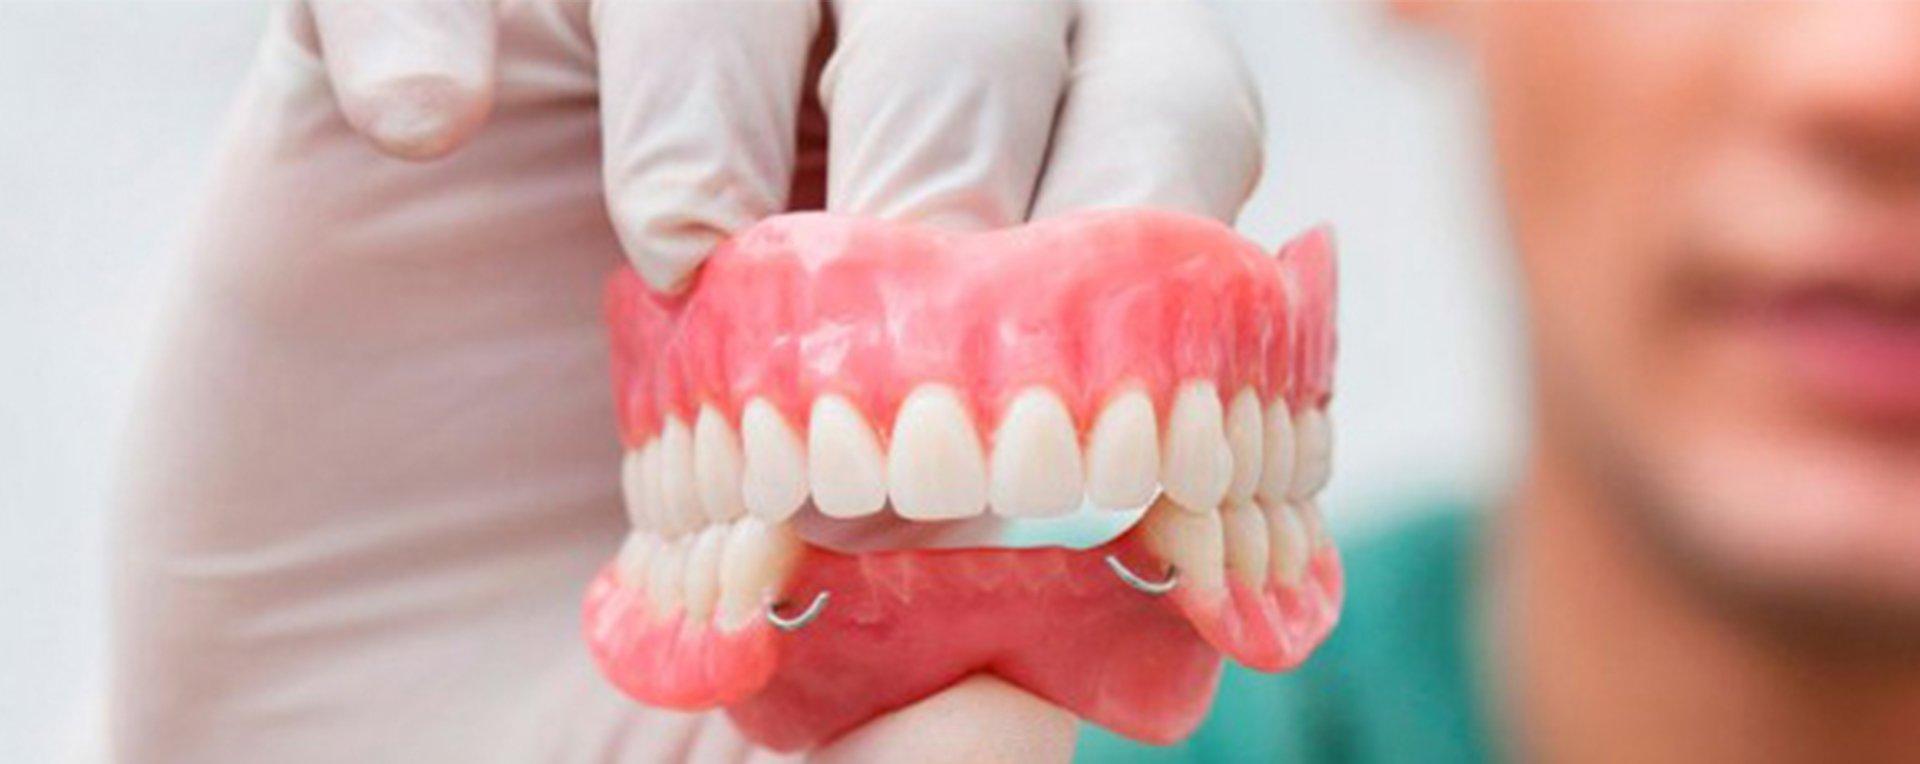 ¿Con qué frecuencia se debería utilizar el pegamento de prótesis dentales?